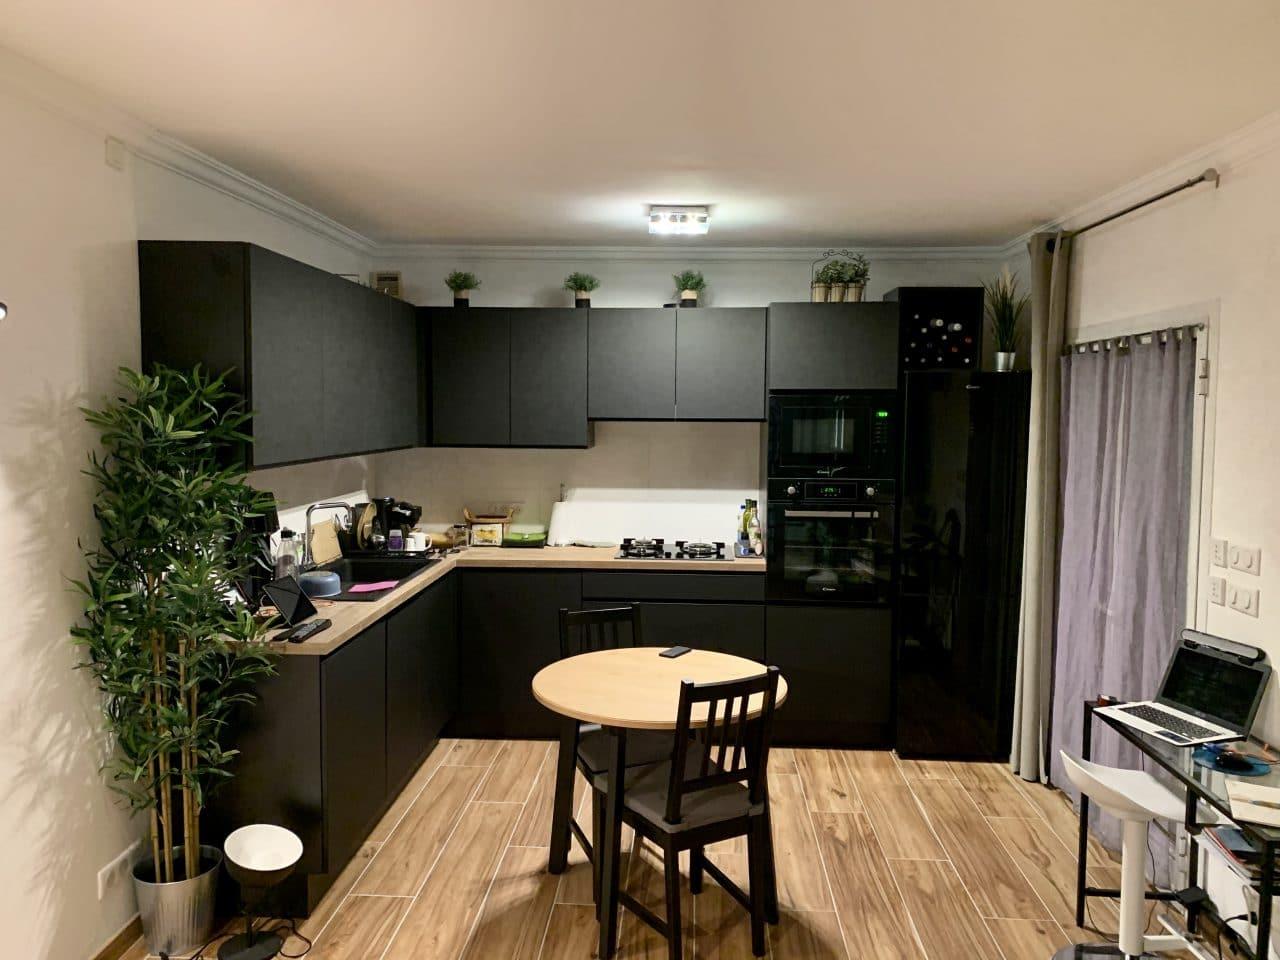 cuiisine rénovée - rénovation d'un appartement à Monaco